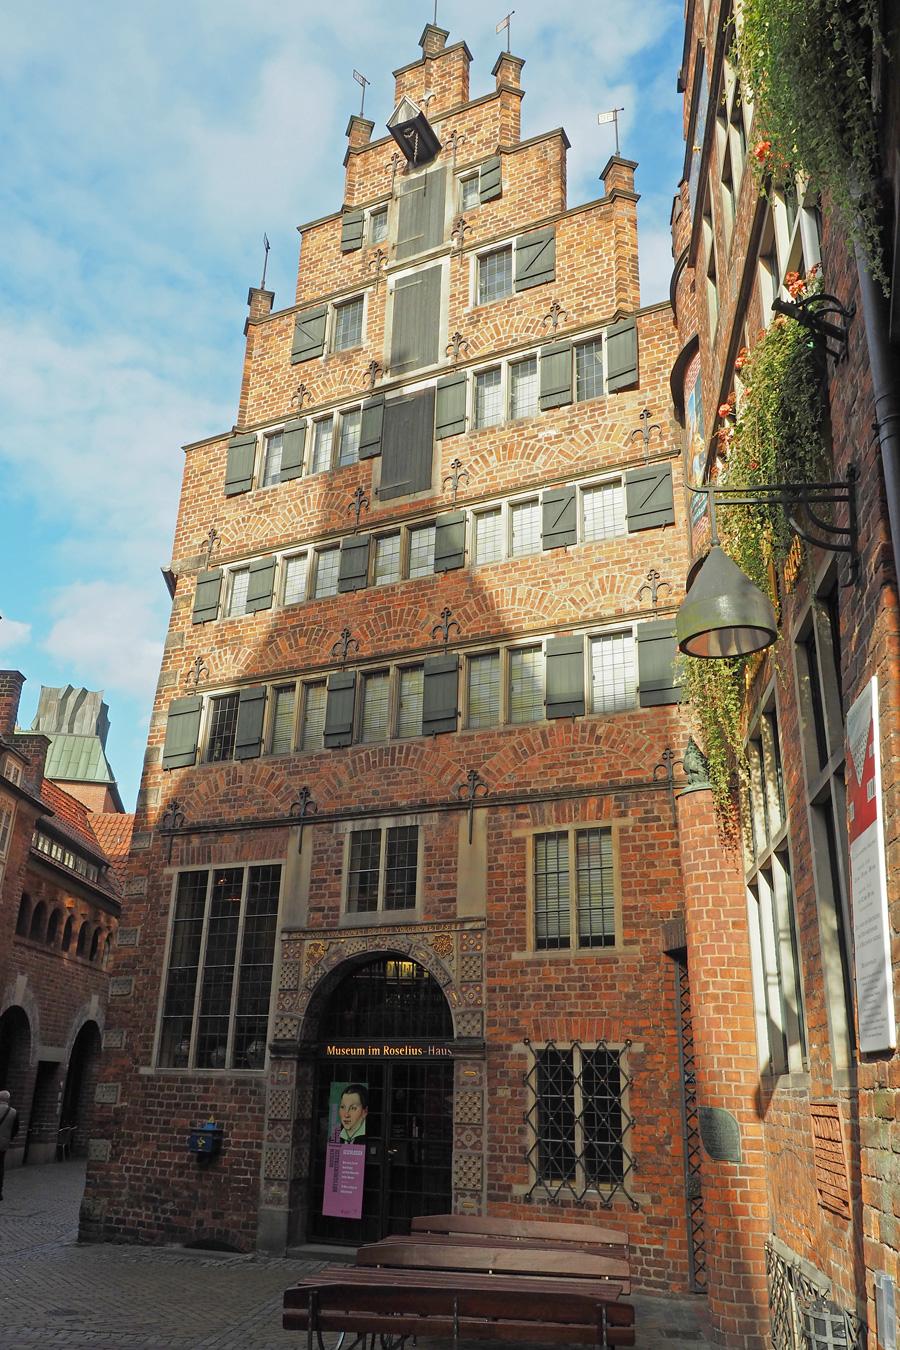 Stufen- statt Spitzgiebel: Roselius ließ kurzerhand das Gebäude aus dem 16. Jahrhundert in ein klassisches Patrizierhaus verwandeln.